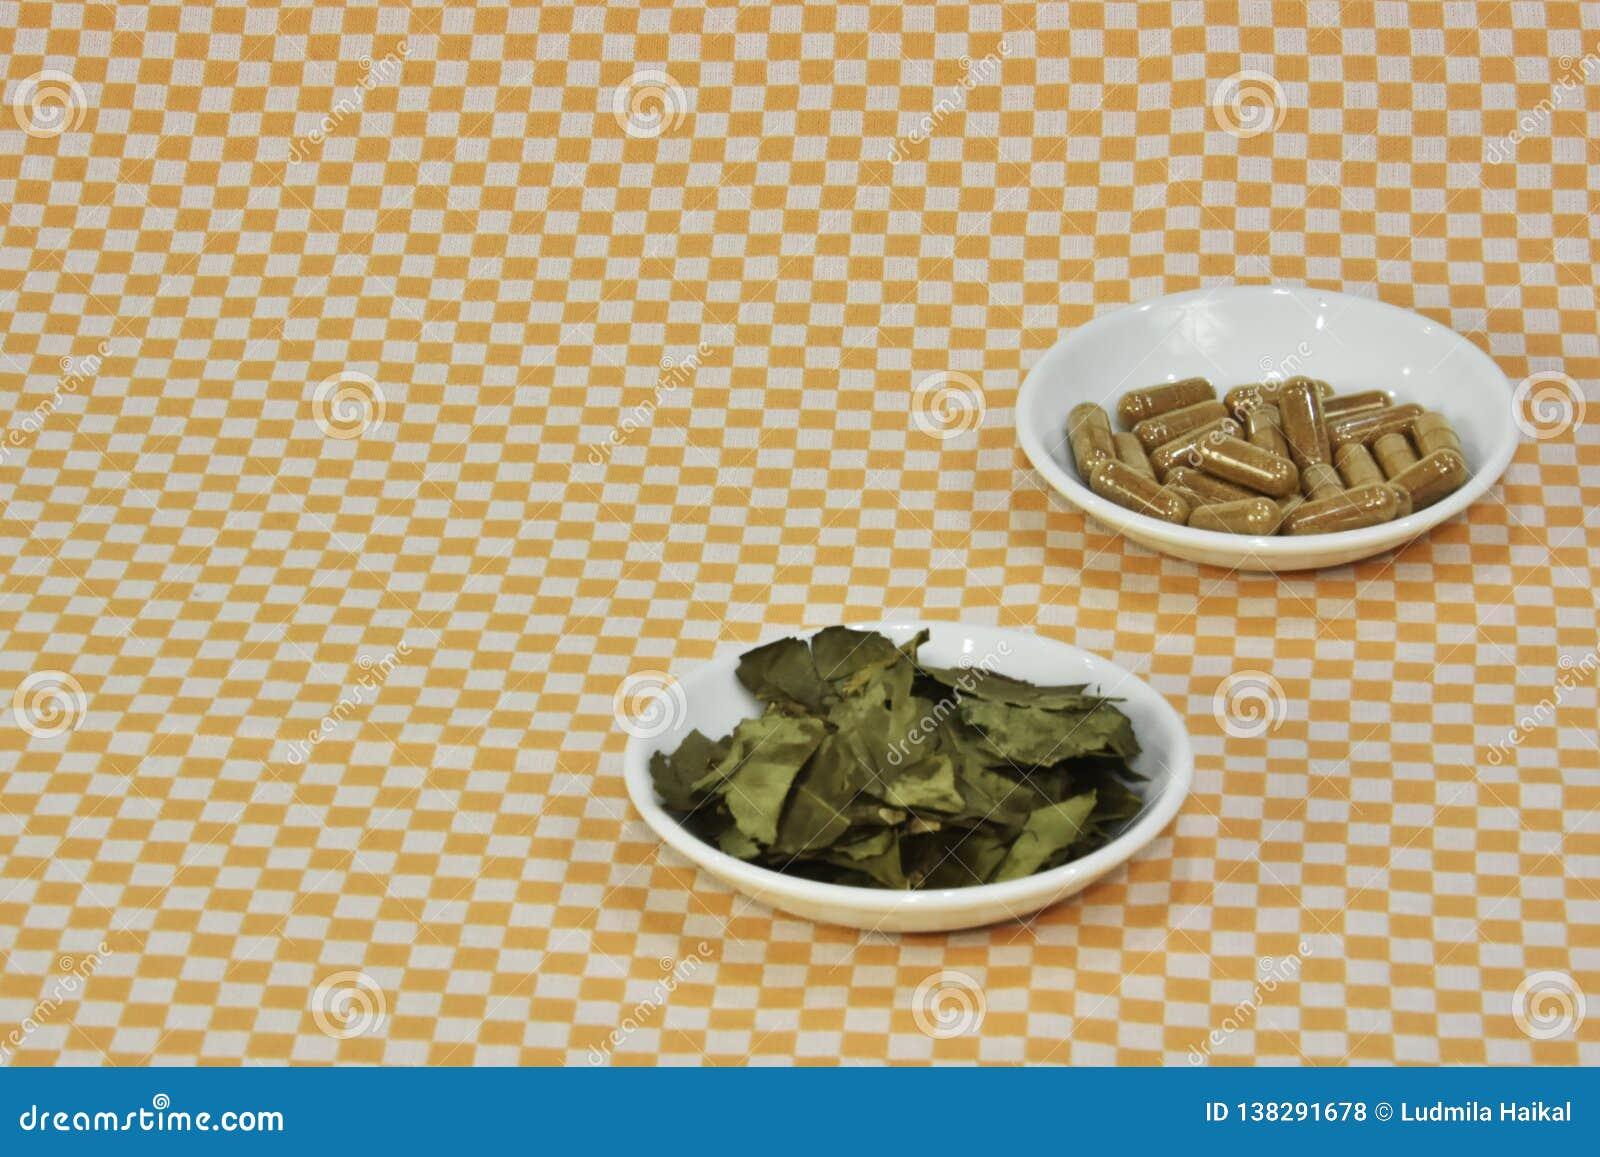 En grupp av grönt te, på bladkapslar eller piller på disk